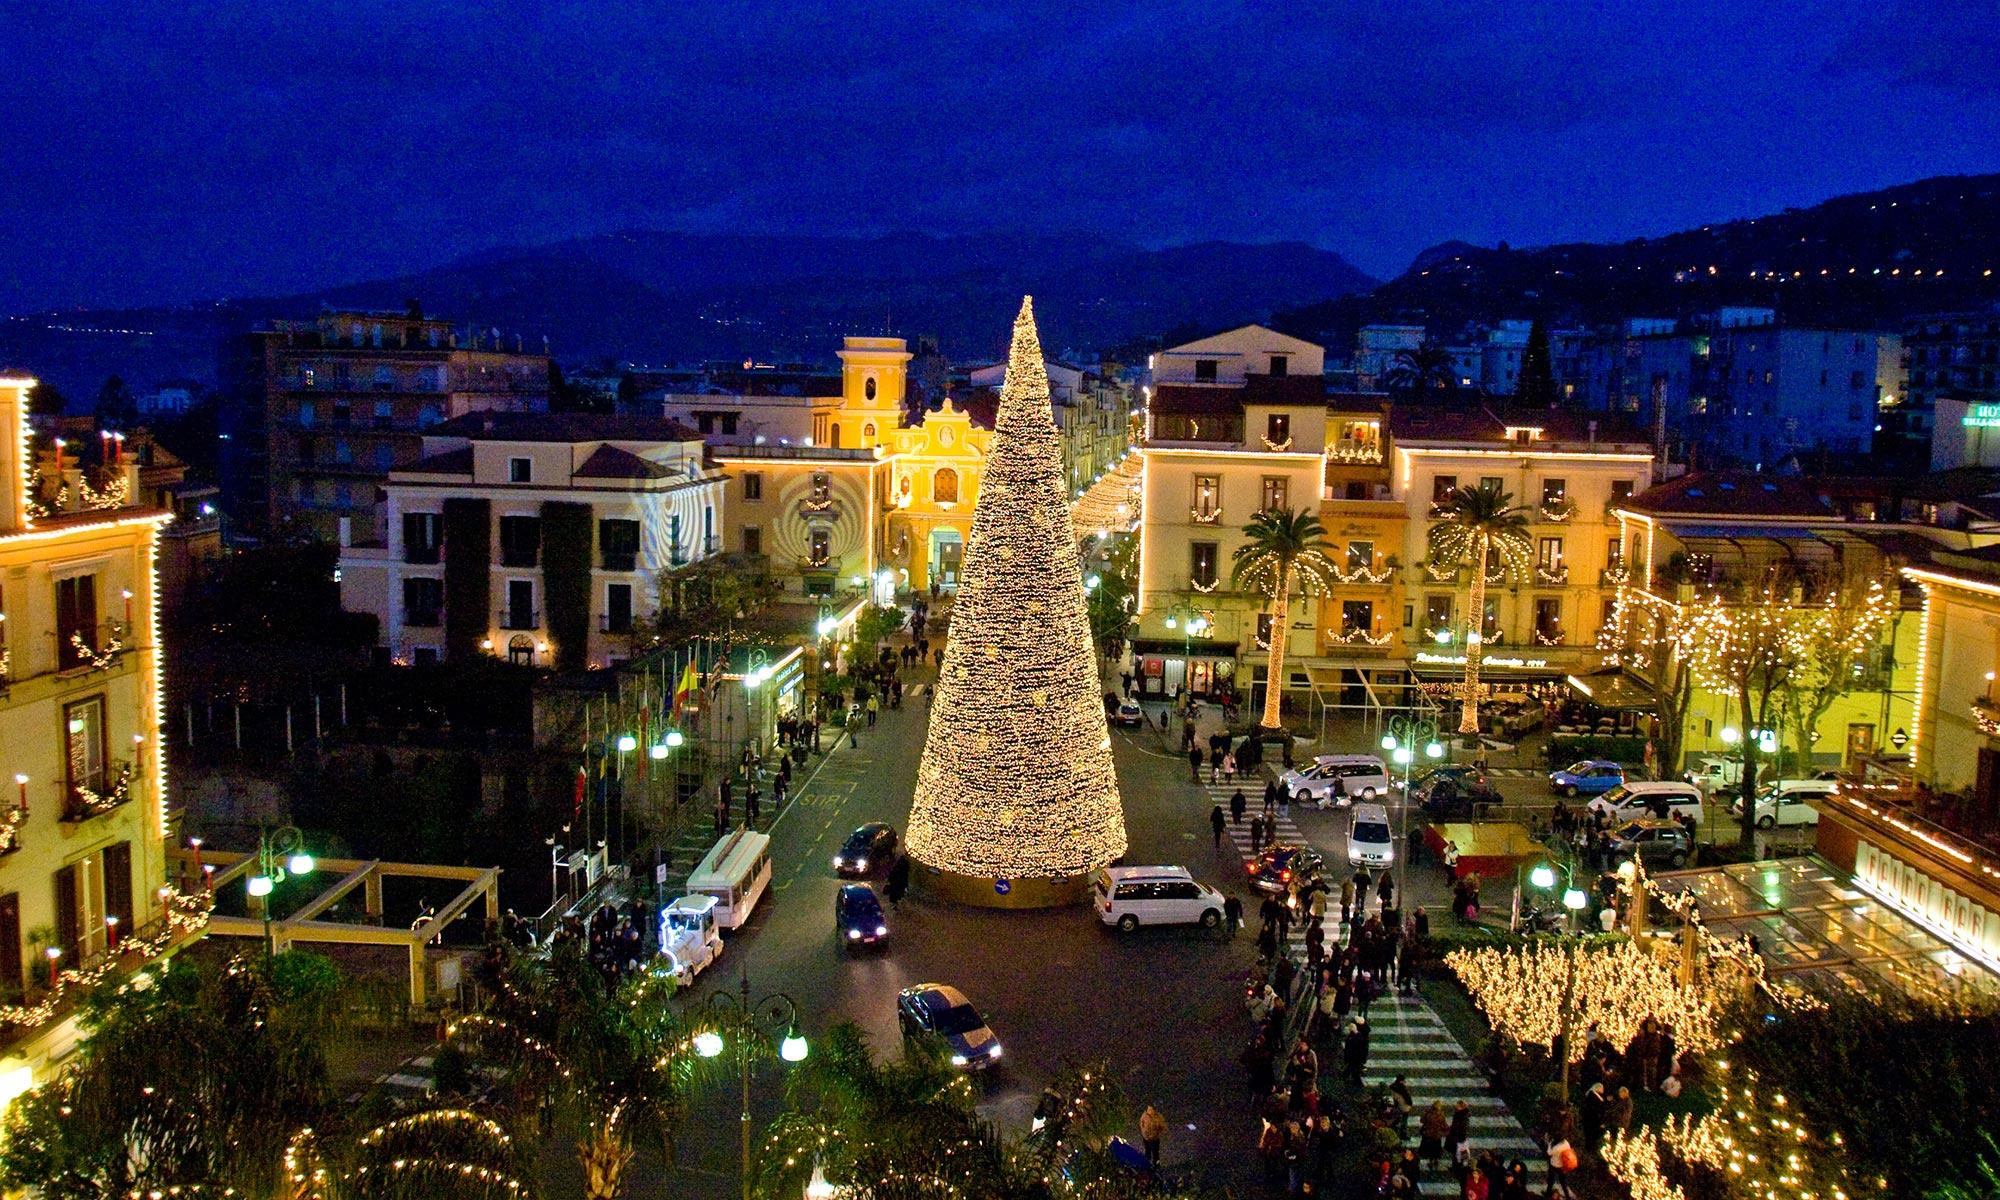 Luminarie di Natale a Napoli - Neomag.